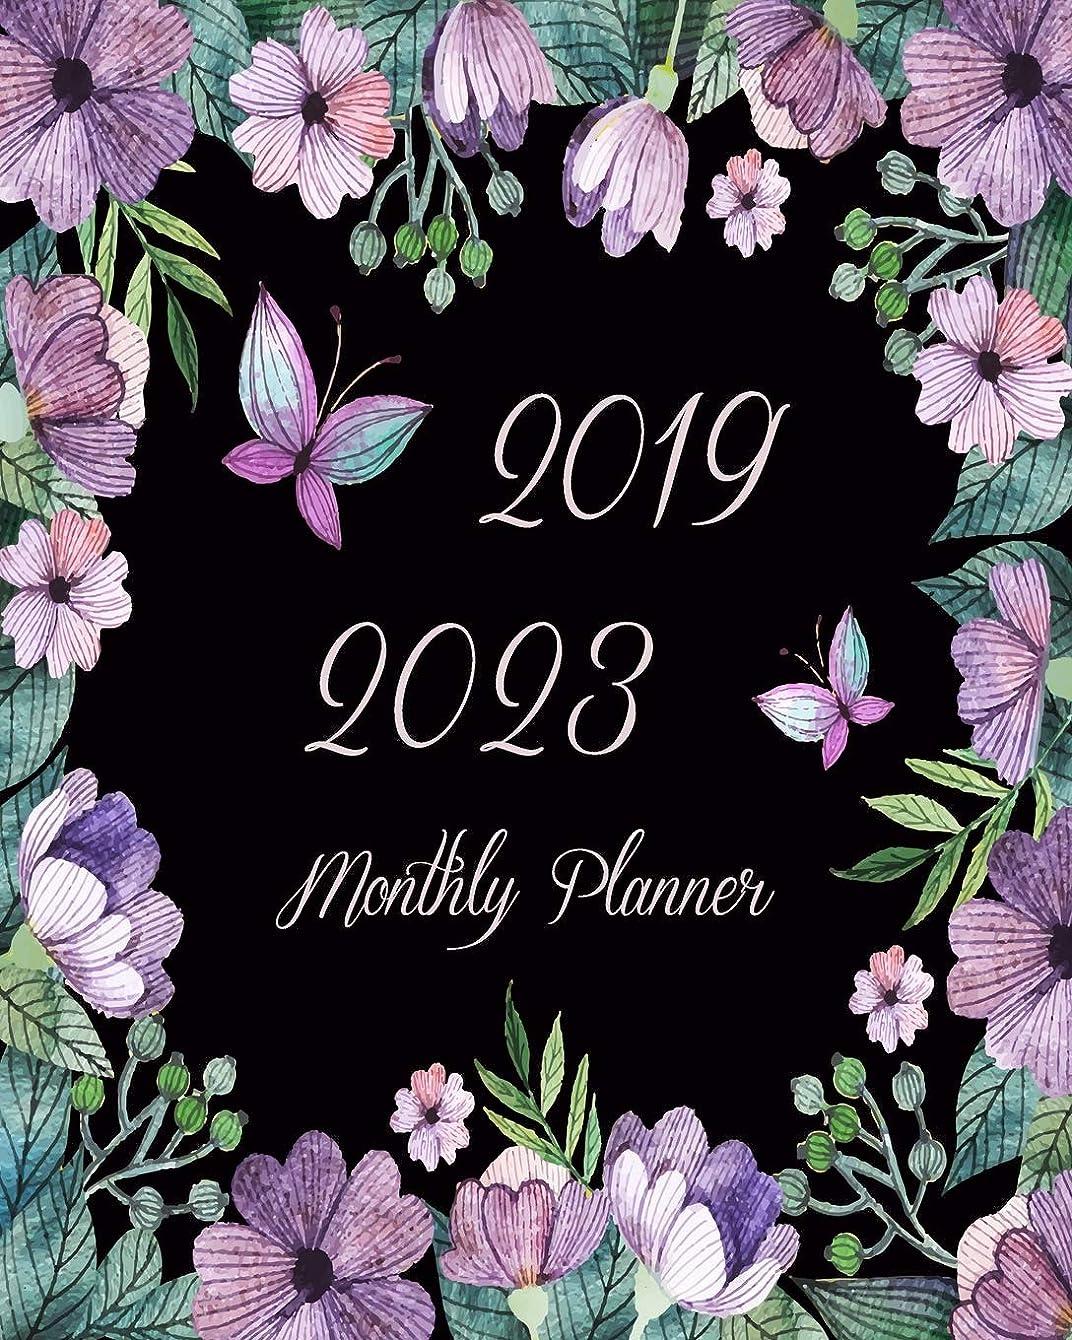 挑発するブレークデュアル2019-2023 Monthly Planner: Purple Flowers Butterfly, 60 Months Planner For The Next Five Year 8